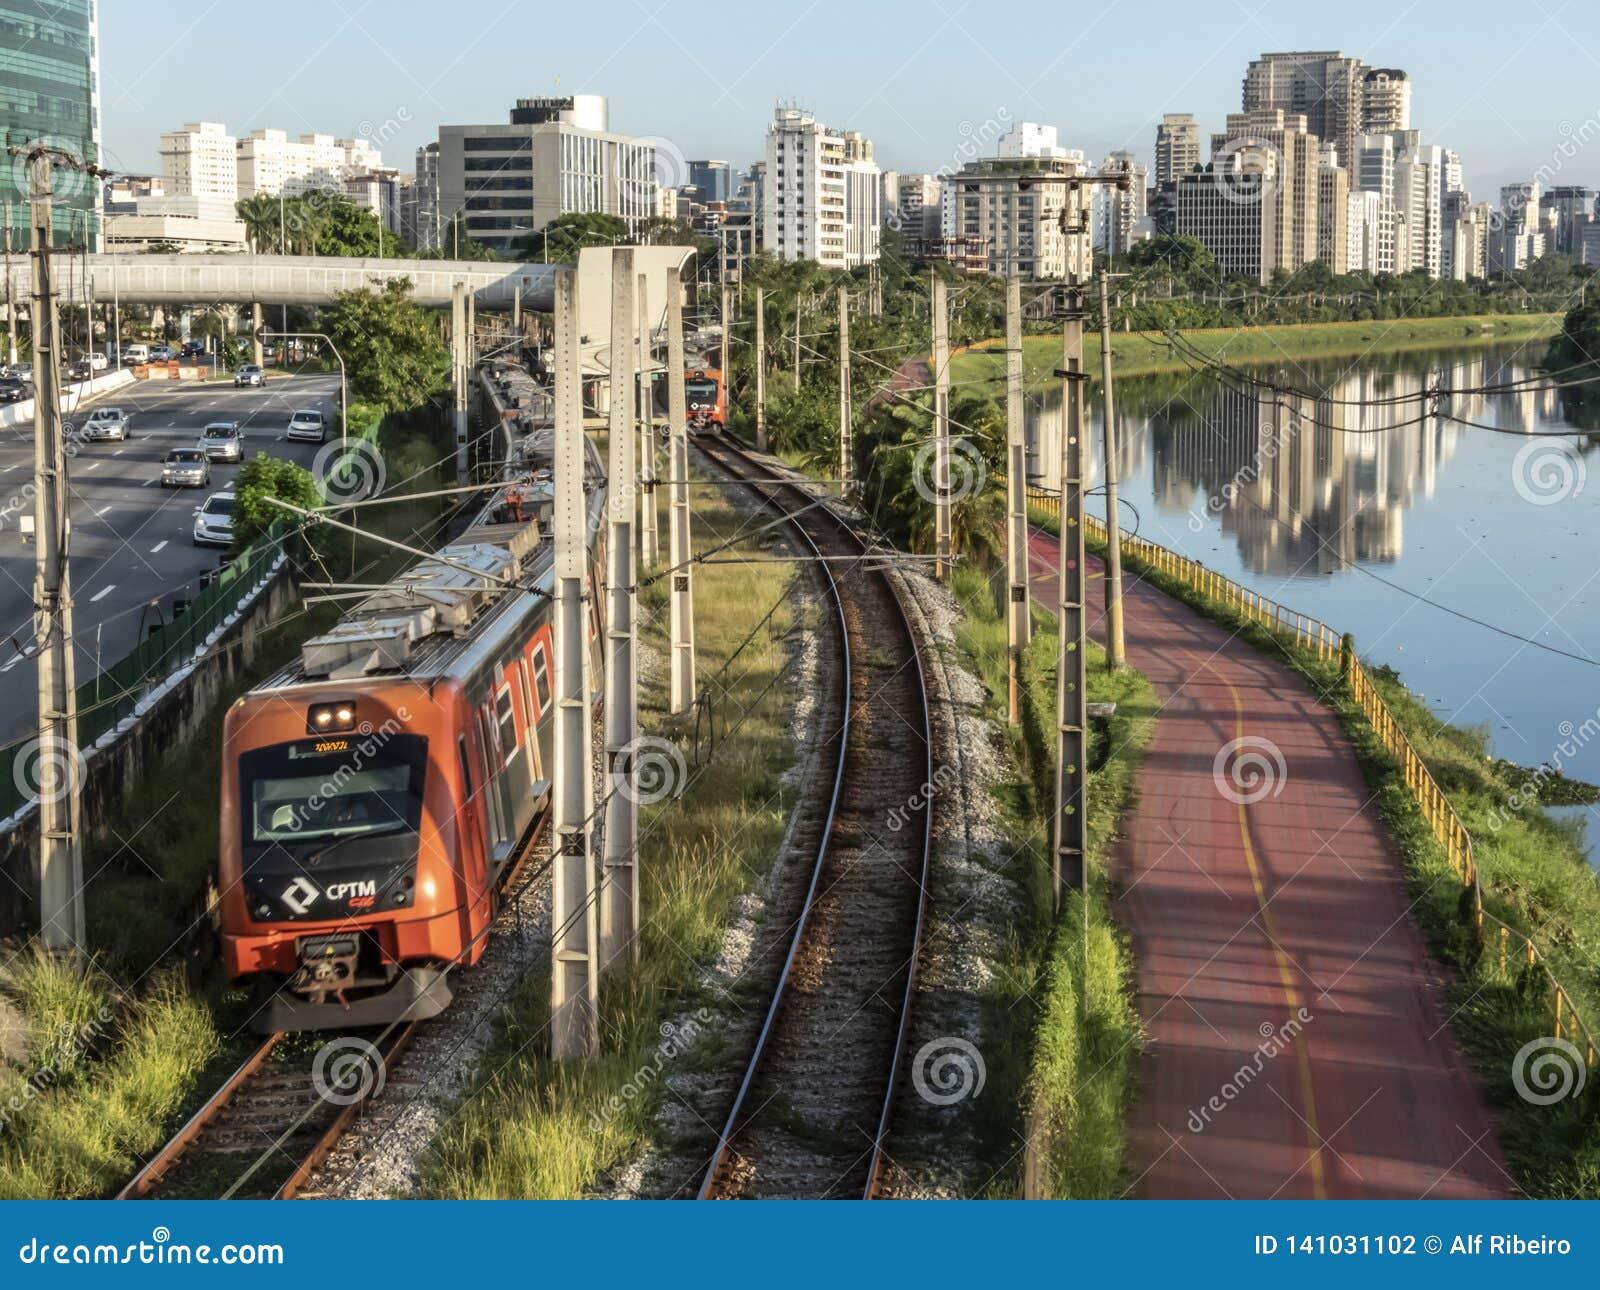 Άποψη των κτηρίων, τραίνο CPTM, κυκλοφορία των οχημάτων και ποταμός στην οριακή λεωφόρο ποταμών Pinheiros